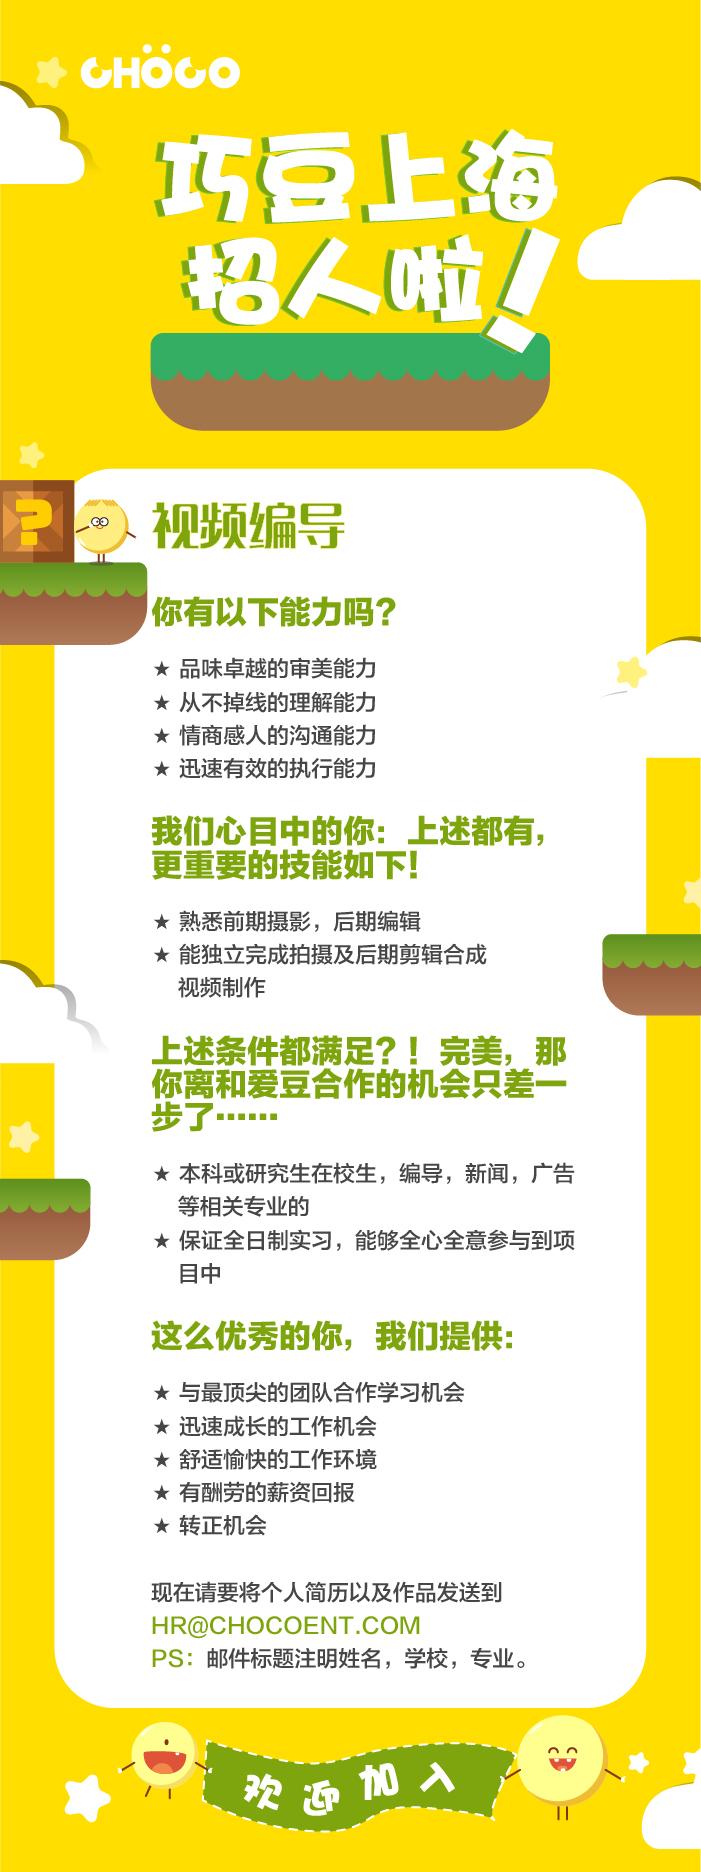 招聘-03.jpg